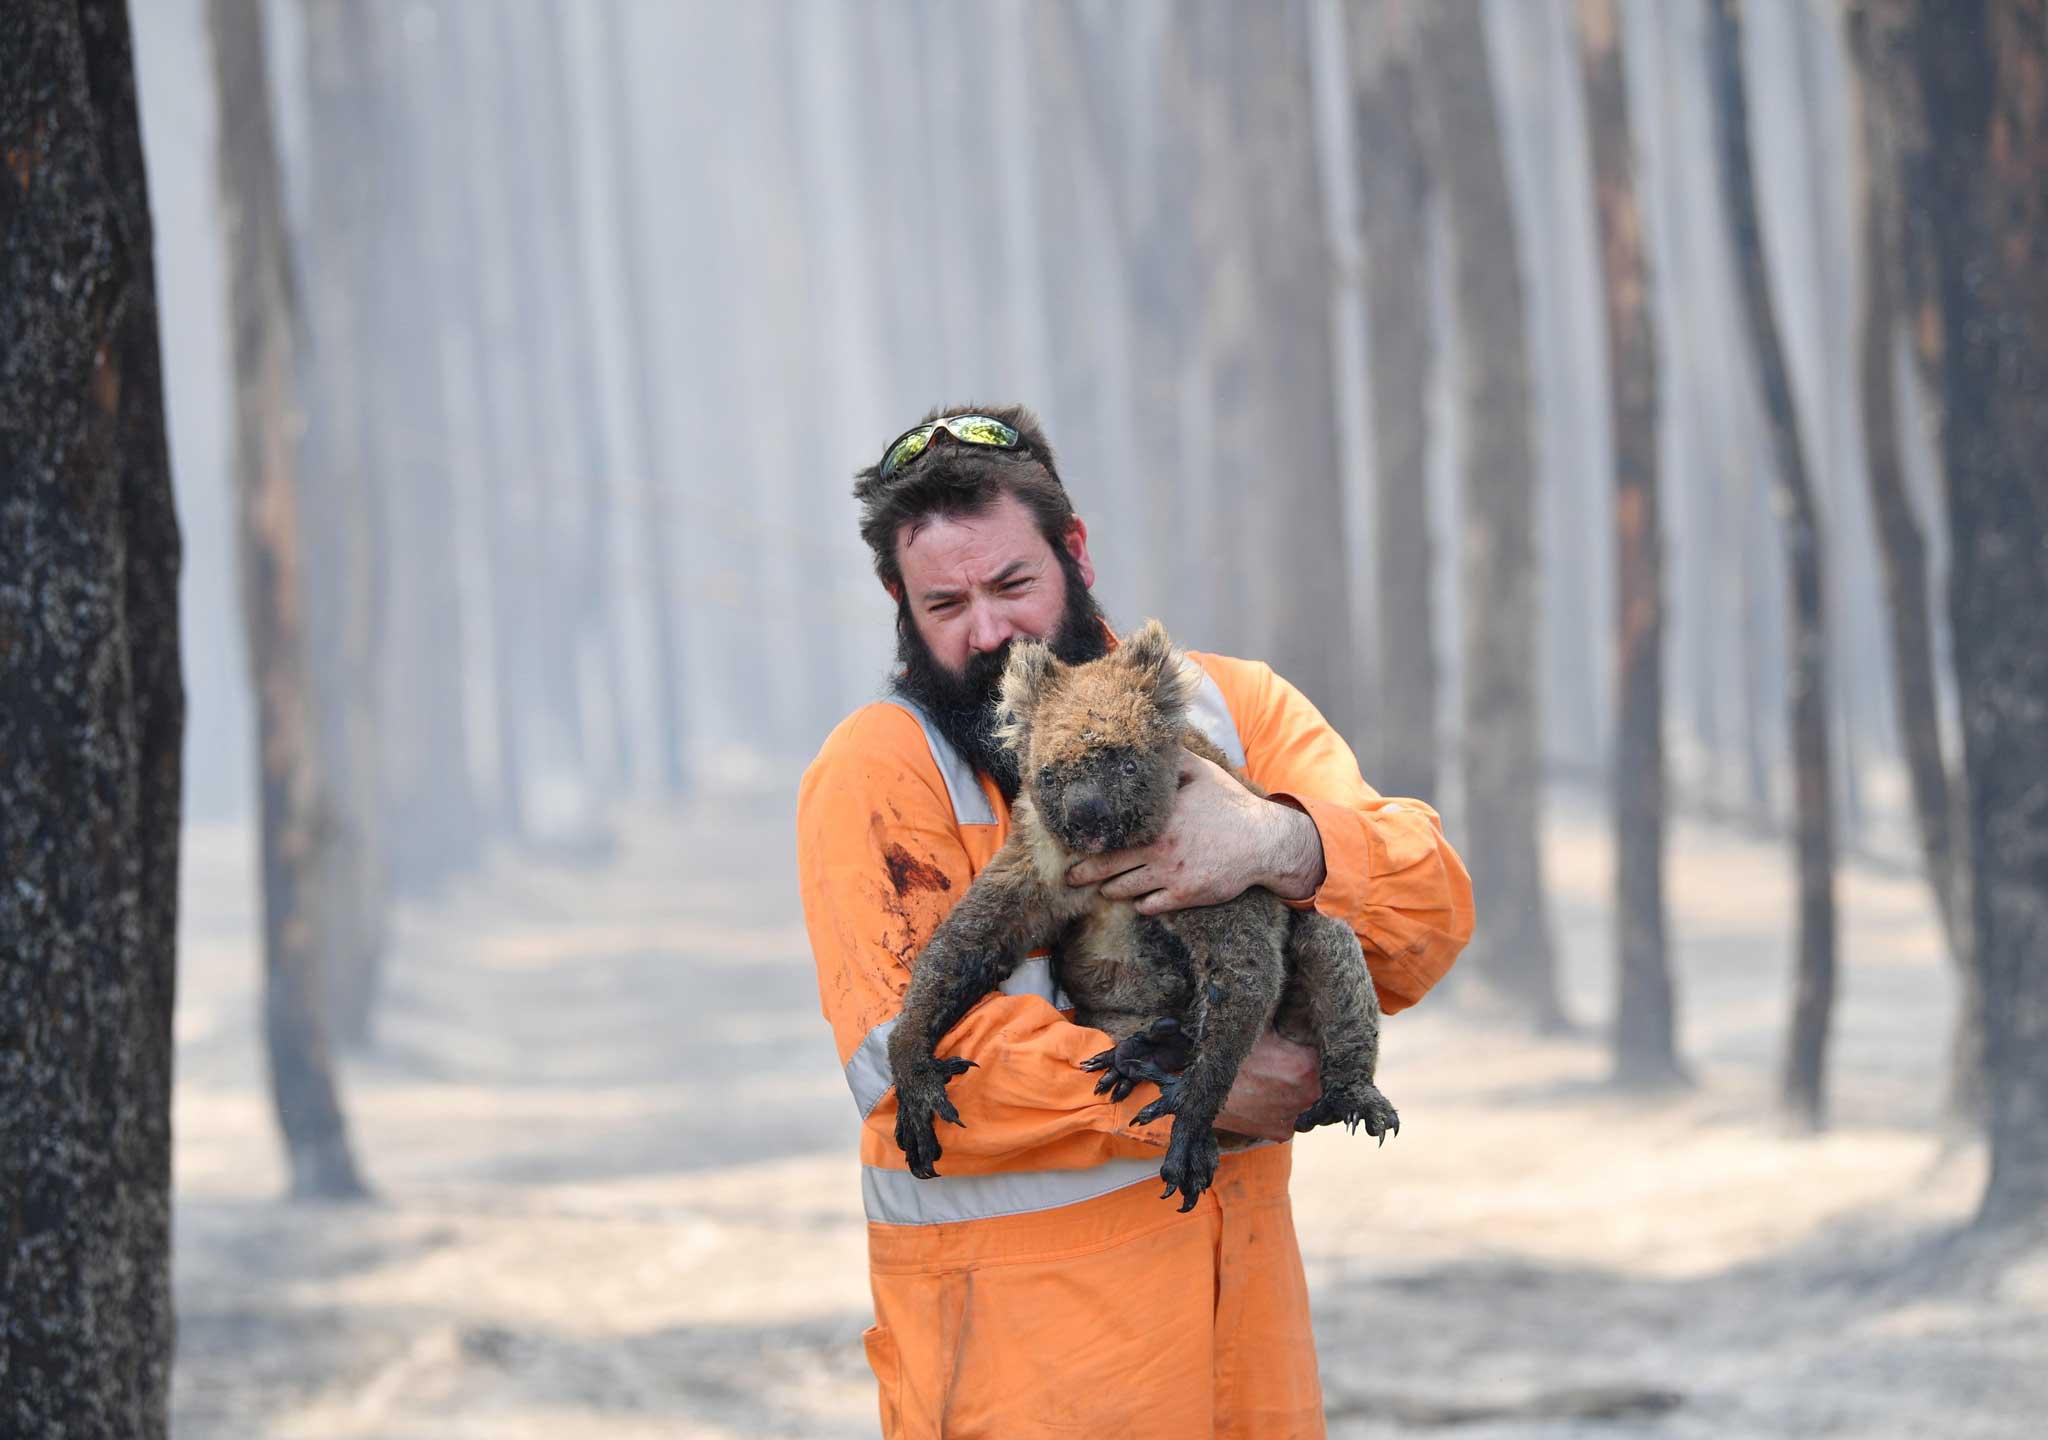 Australia ha declarado el estado de desastre en las zonas afectadas por los incendios